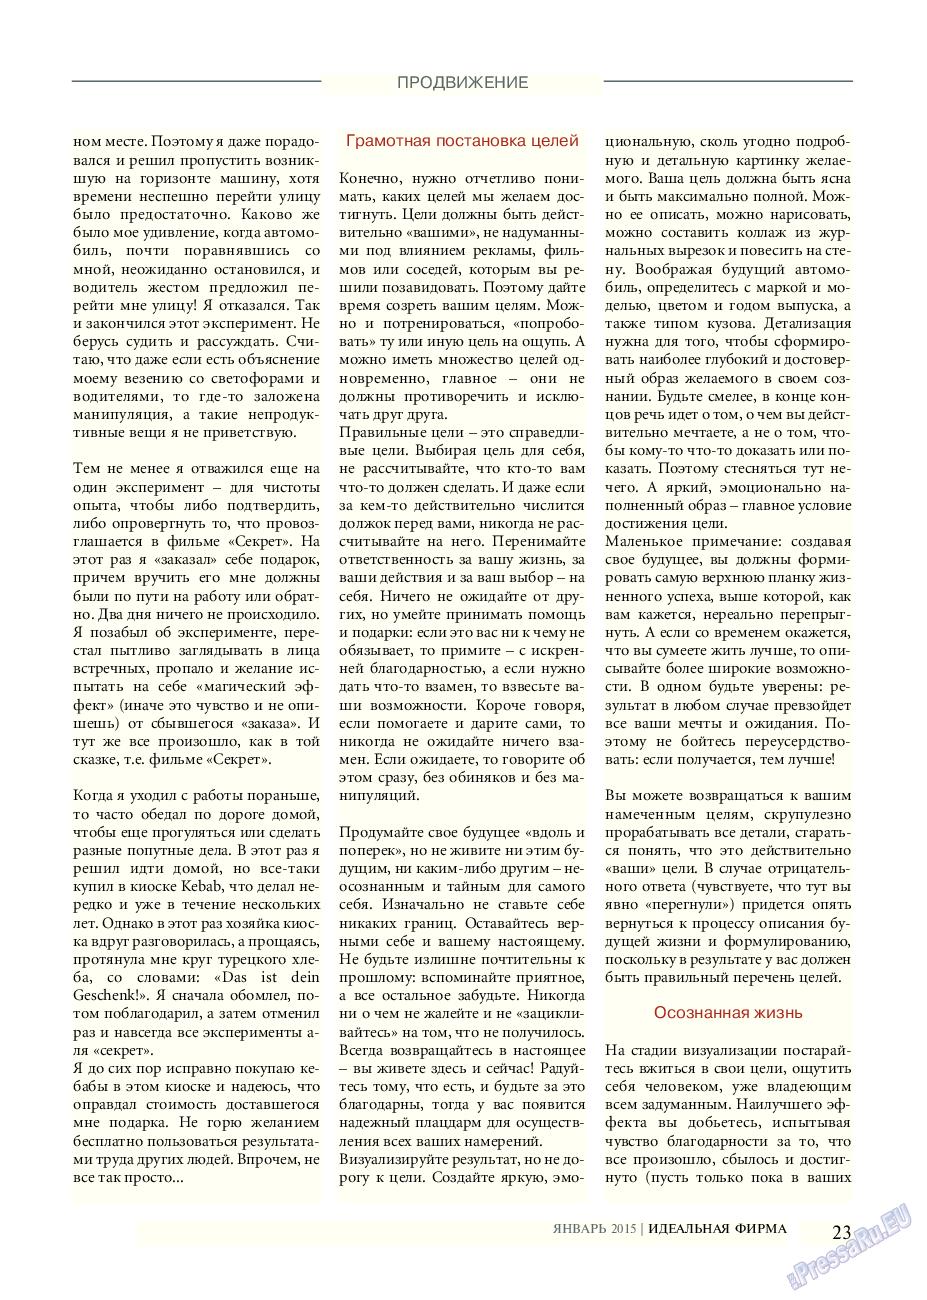 Идеальная фирма (журнал). 2015 год, номер 1, стр. 23